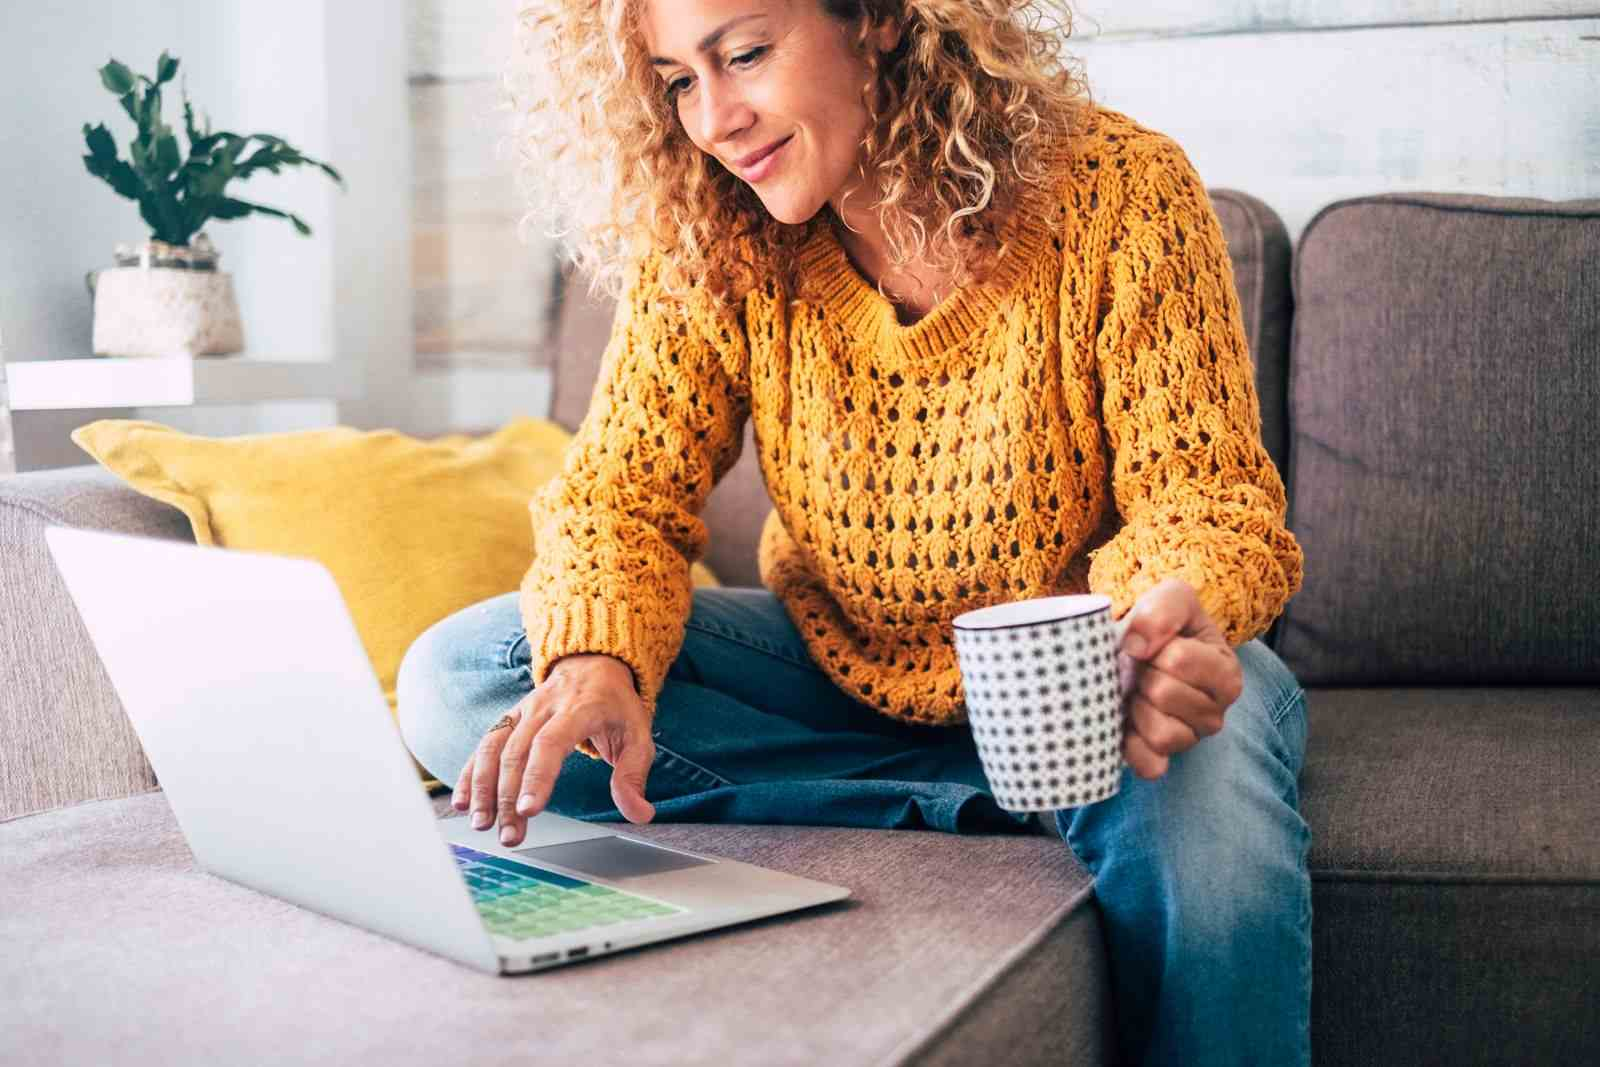 femme qui navigue en ligne sur un ordinateur portable avec une tasse dans les mains